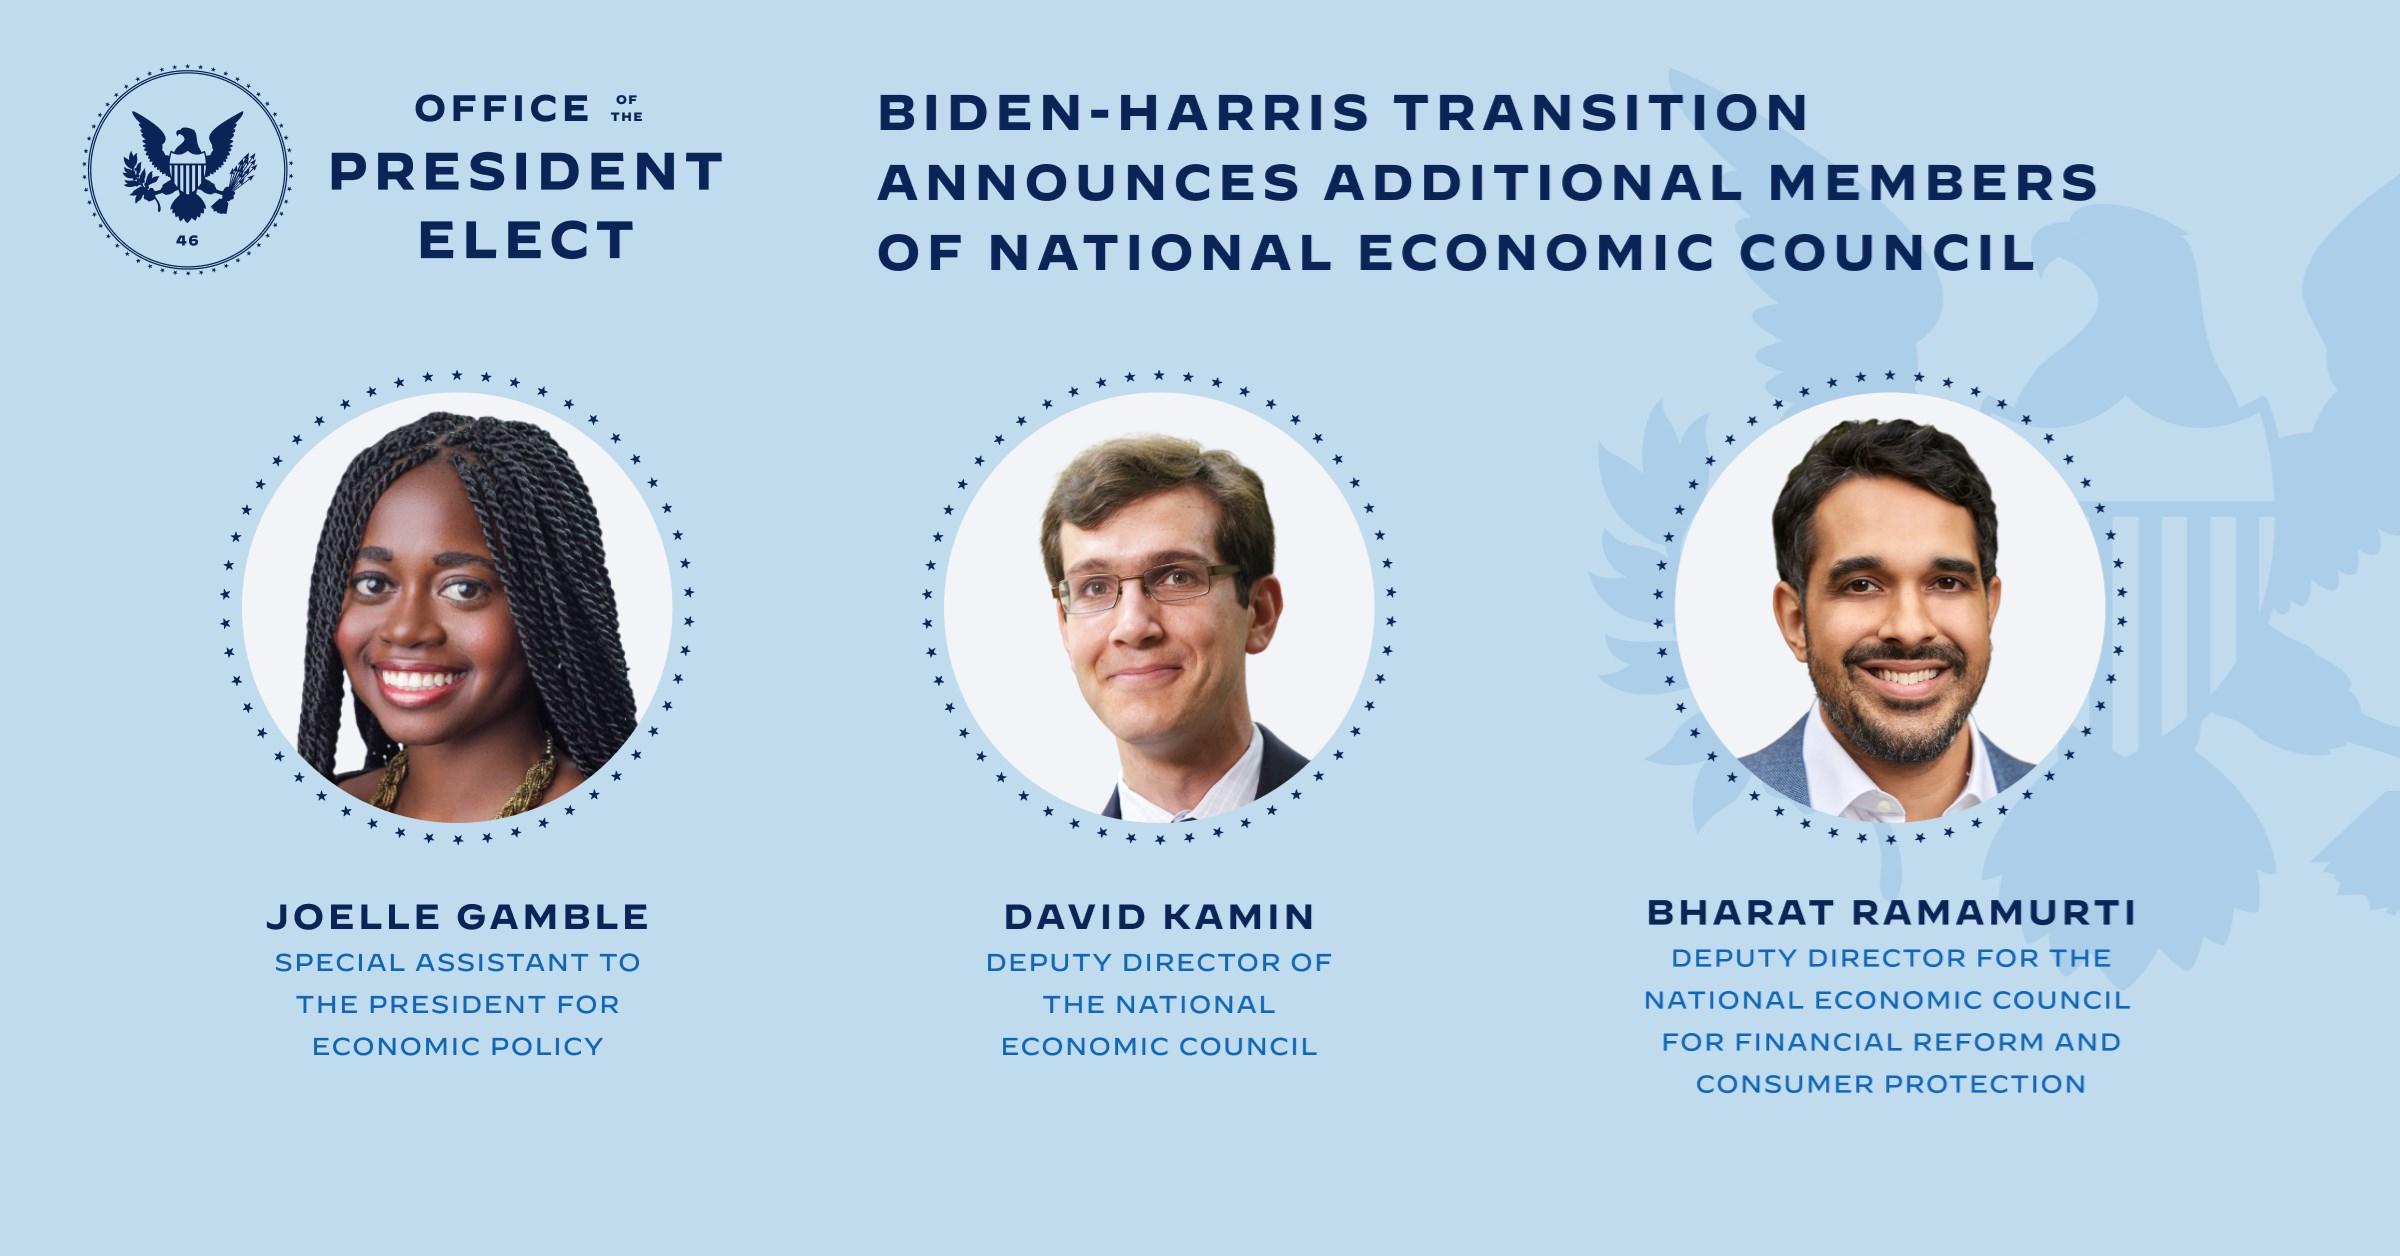 أعضاء المجلس الاقتصادي القومي الذين اختارهم بايدن اليوم